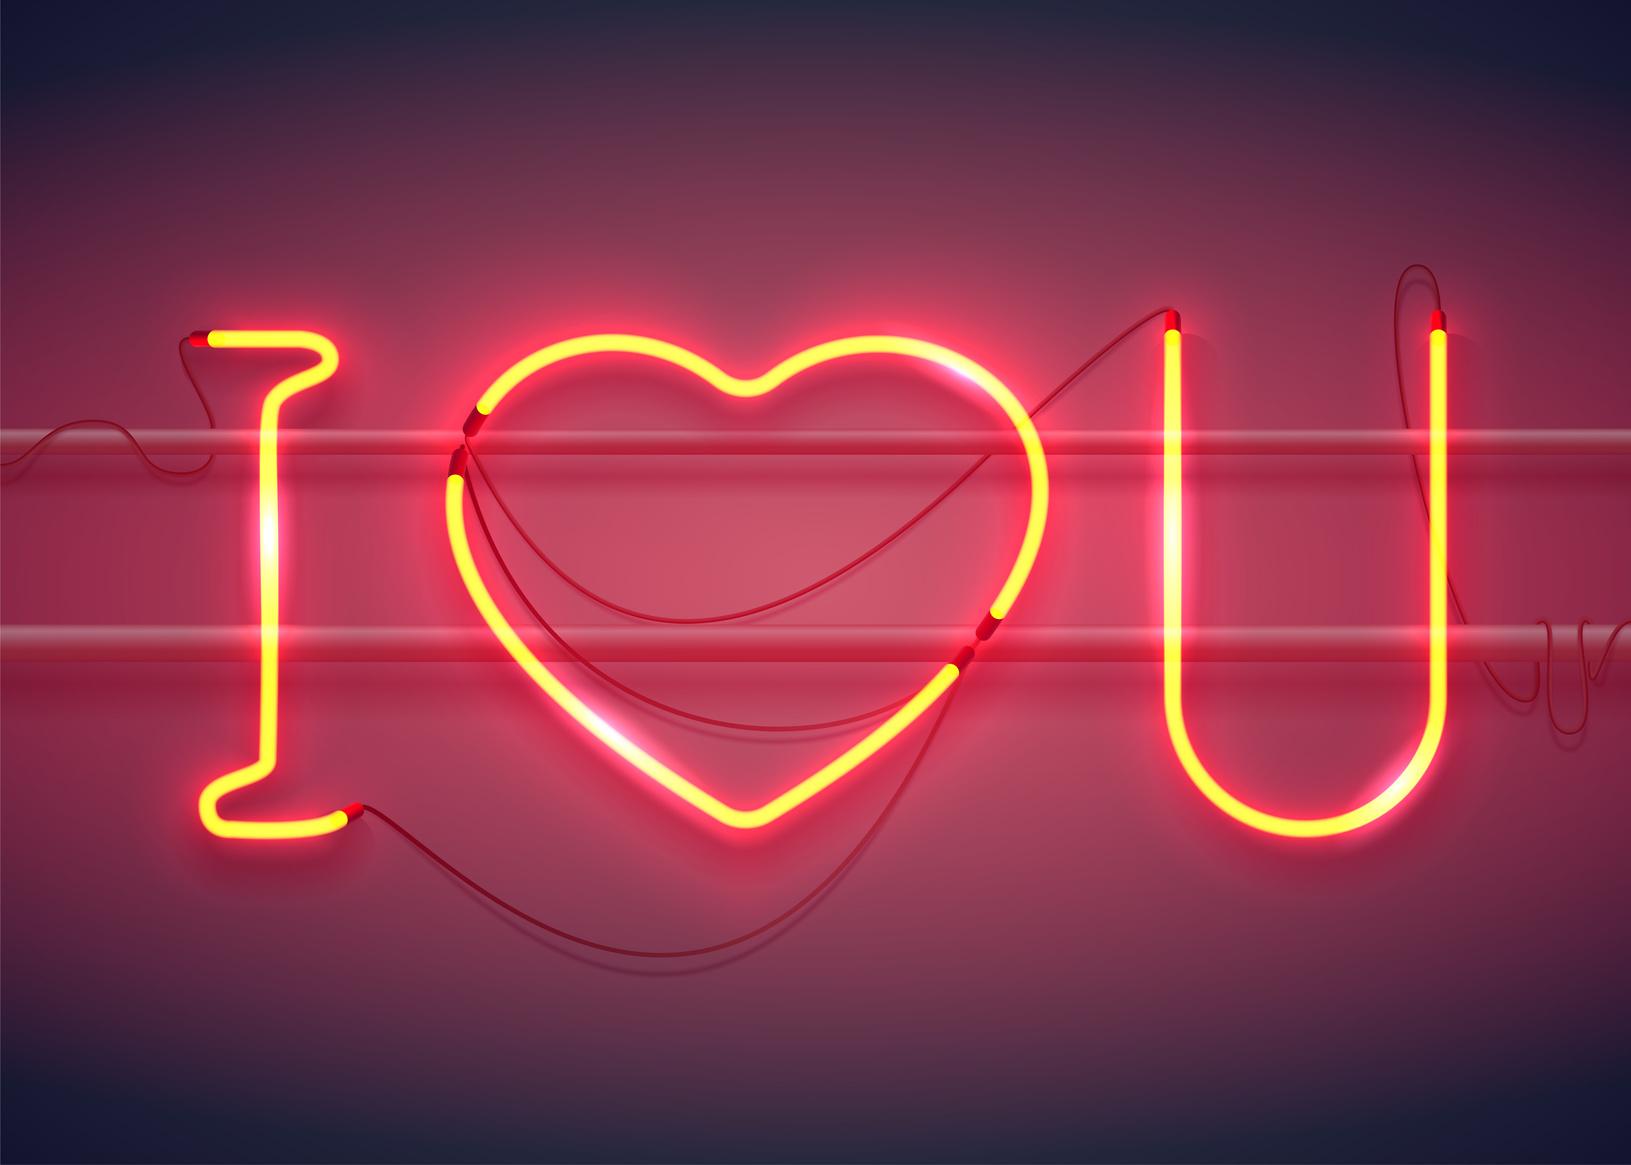 """""""I love you"""" in Leuchtschrift – mit einem Herz als Symbol für """"love""""."""